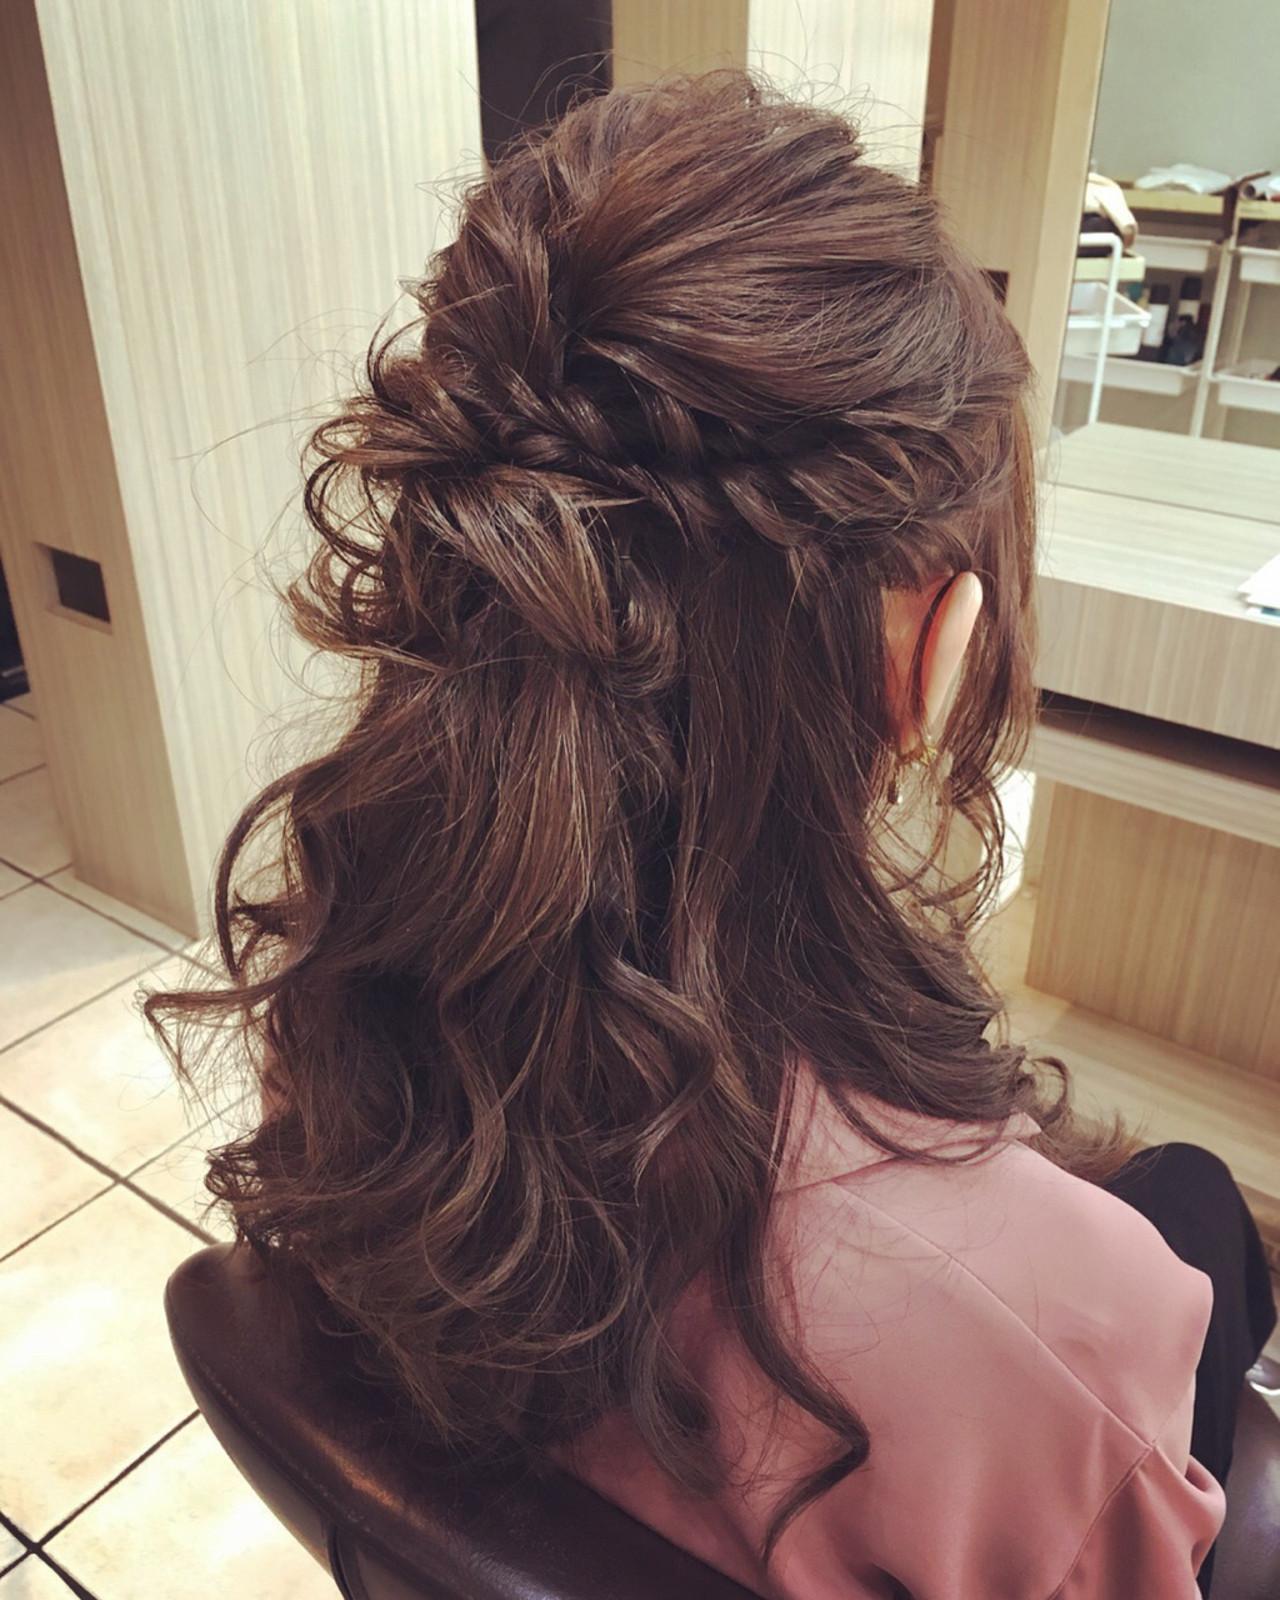 ヘアアレンジ アップスタイル ロング フェミニン ヘアスタイルや髪型の写真・画像